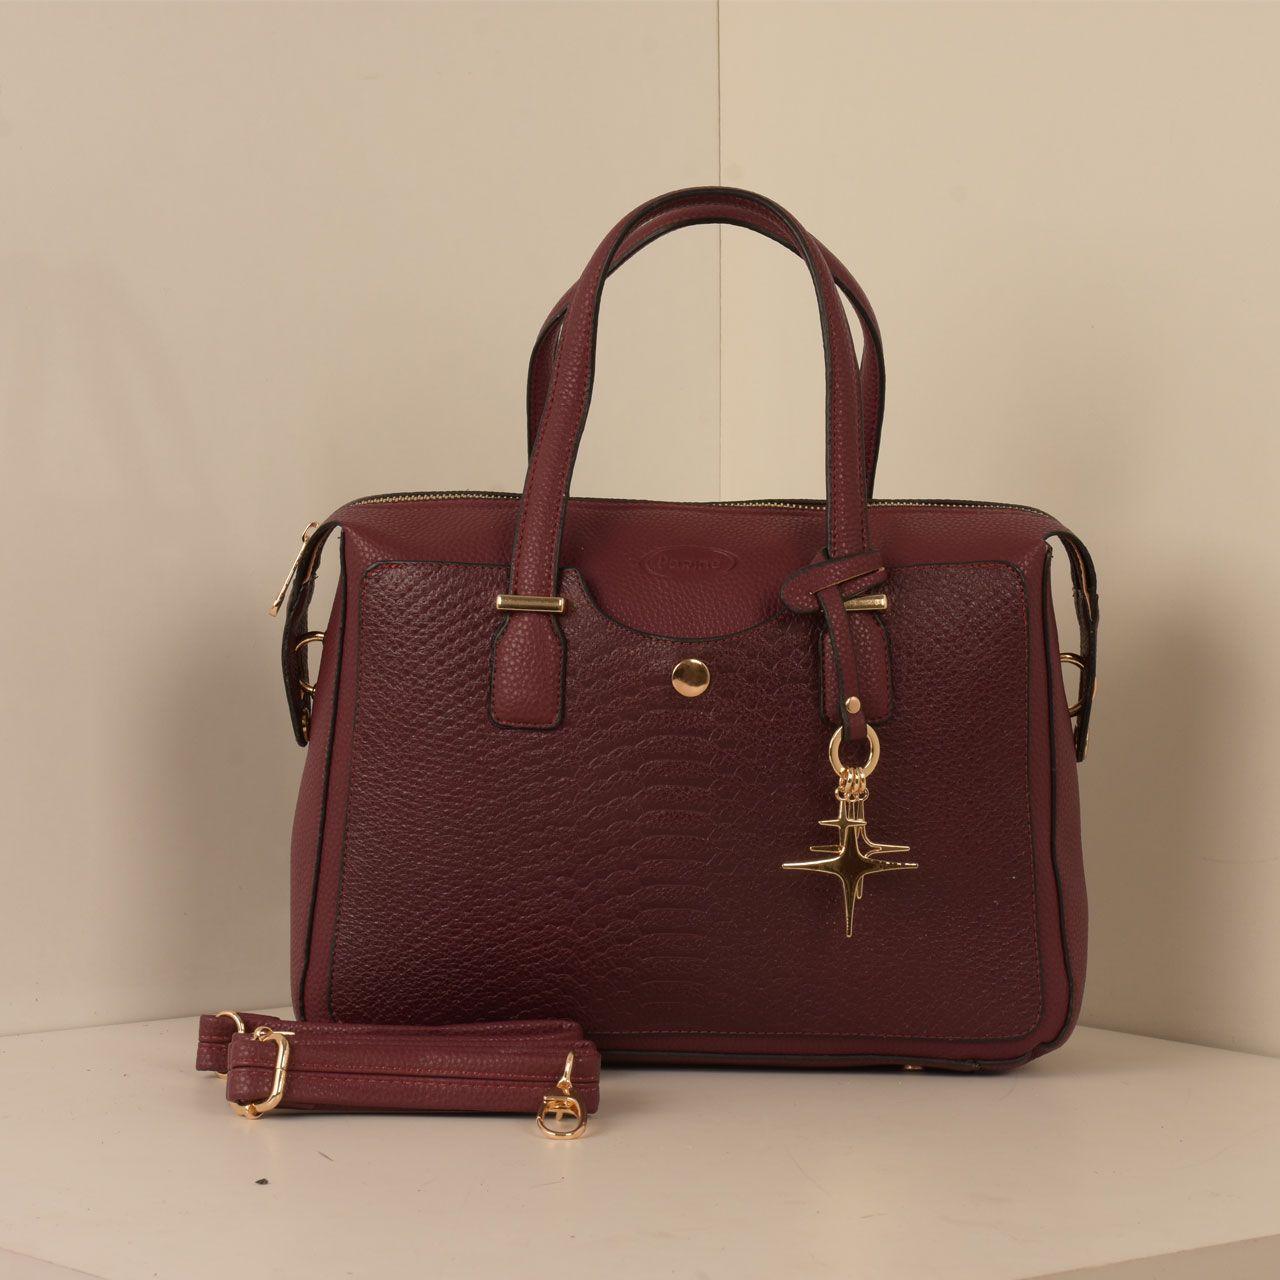 کیف دستی زنانه پارینه چرم کد PLV202-12-1516 -  - 7